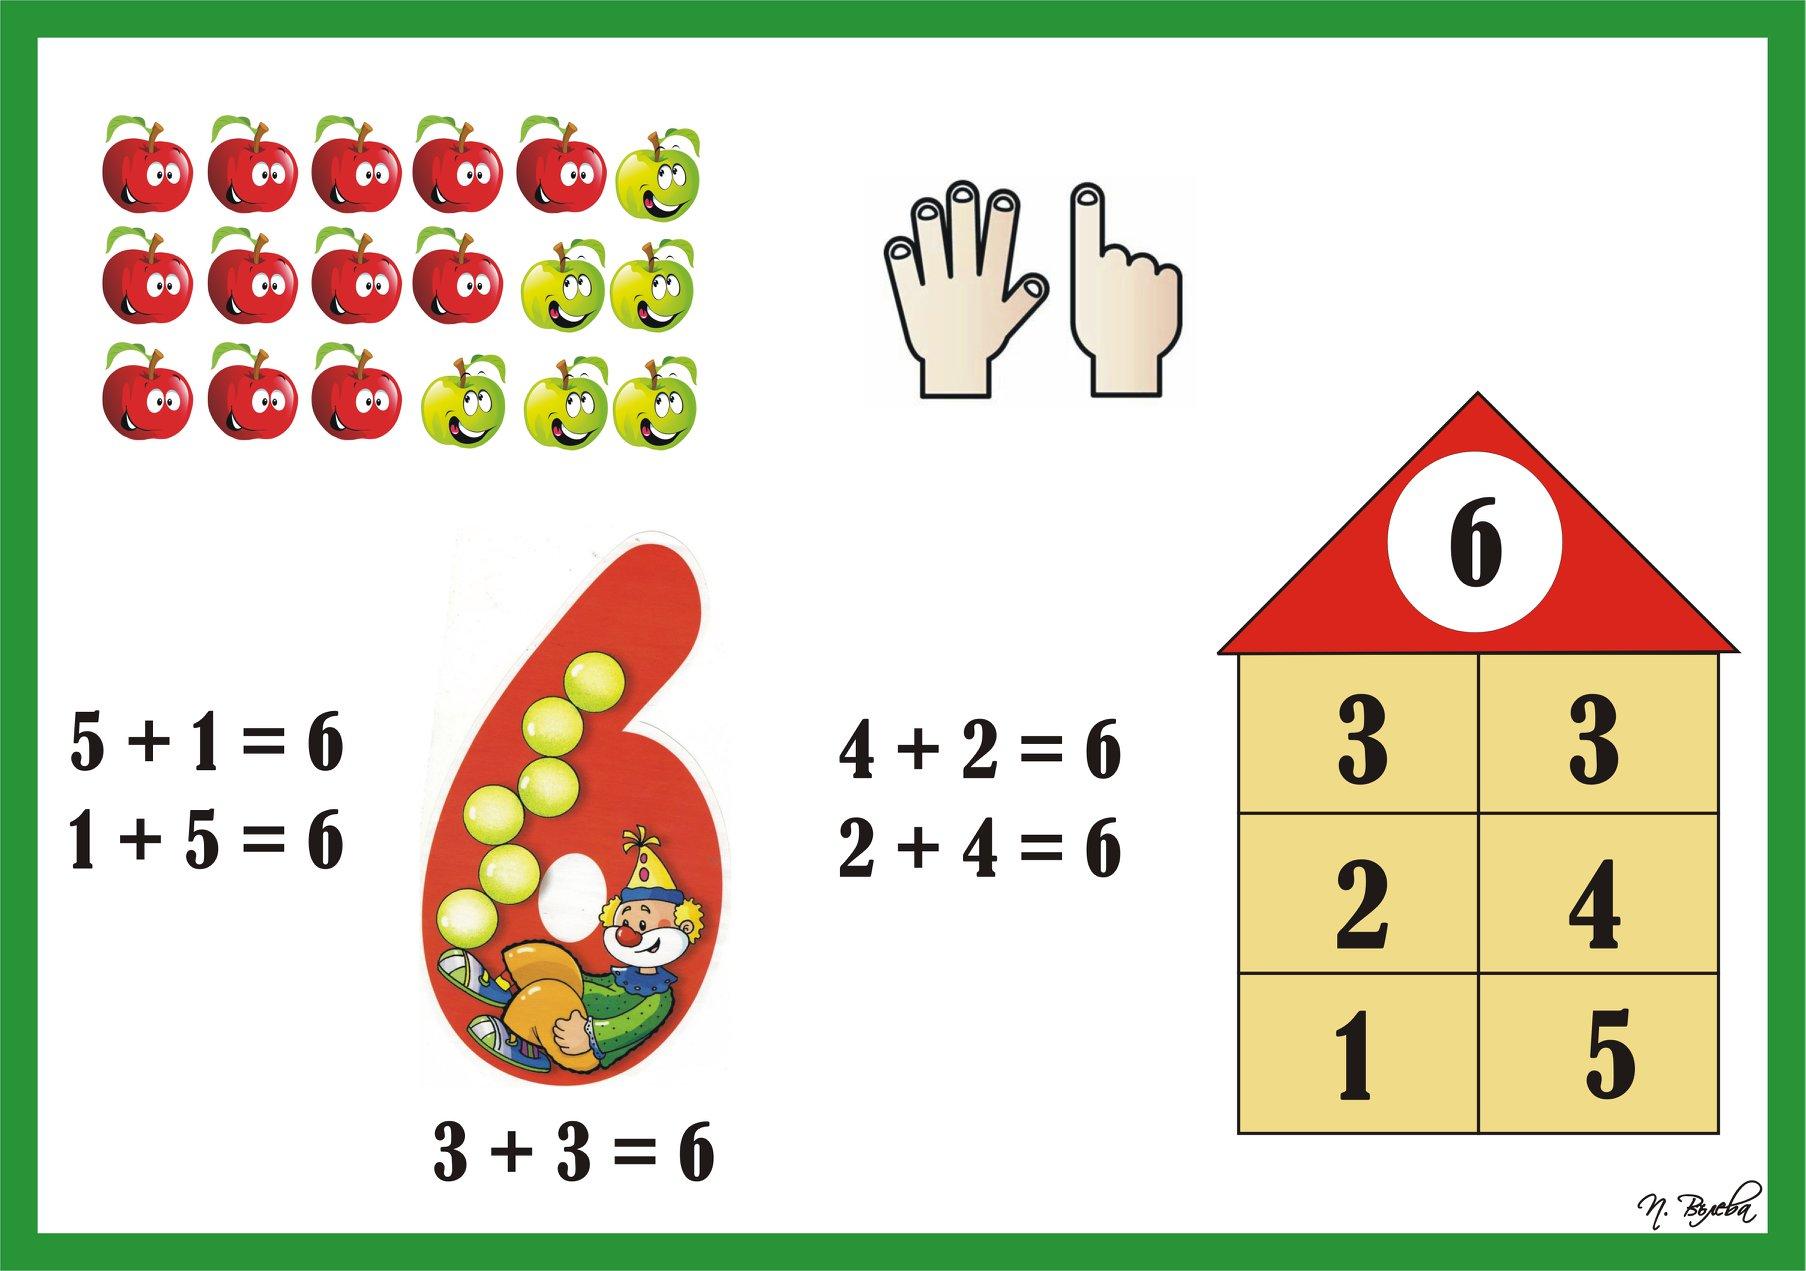 Matematika 3 Stranica 2 Od 16 Zelena Ucionica